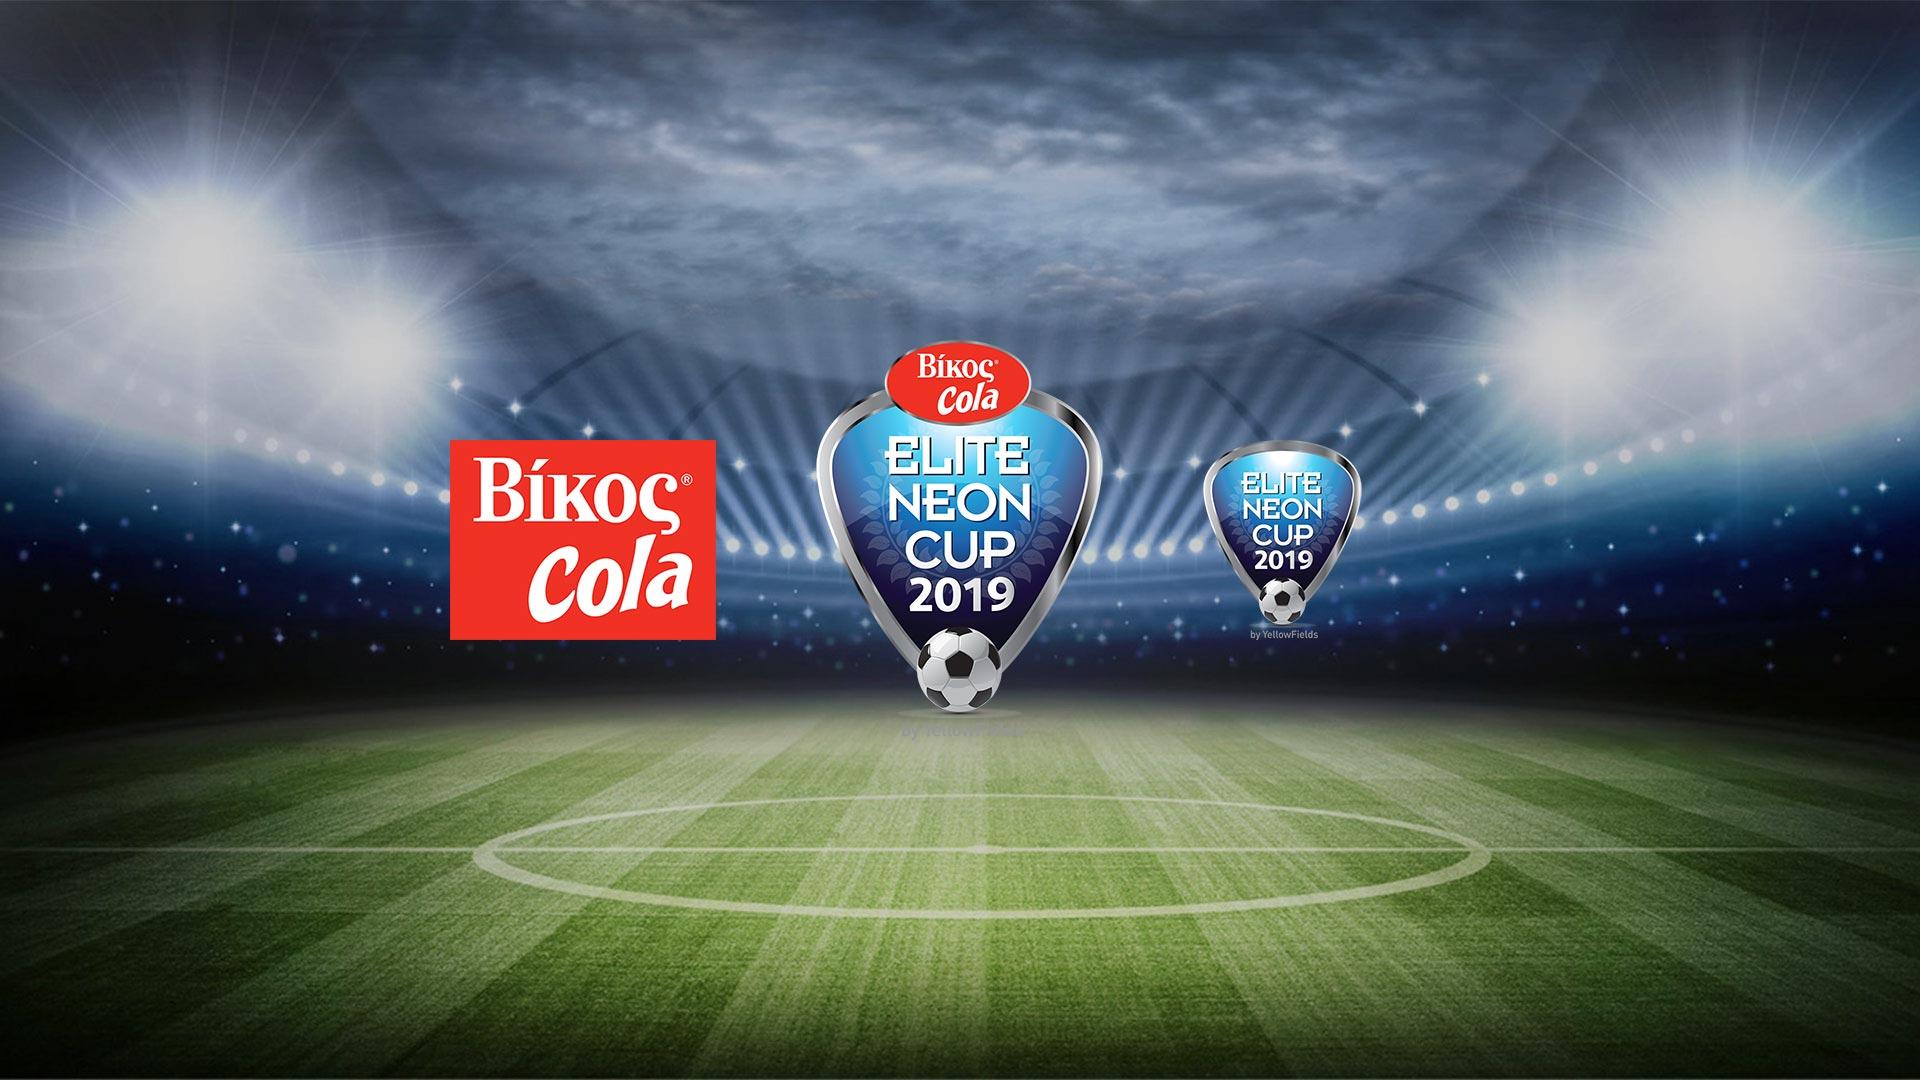 Vikos Cola Elite Neon Cup 2019